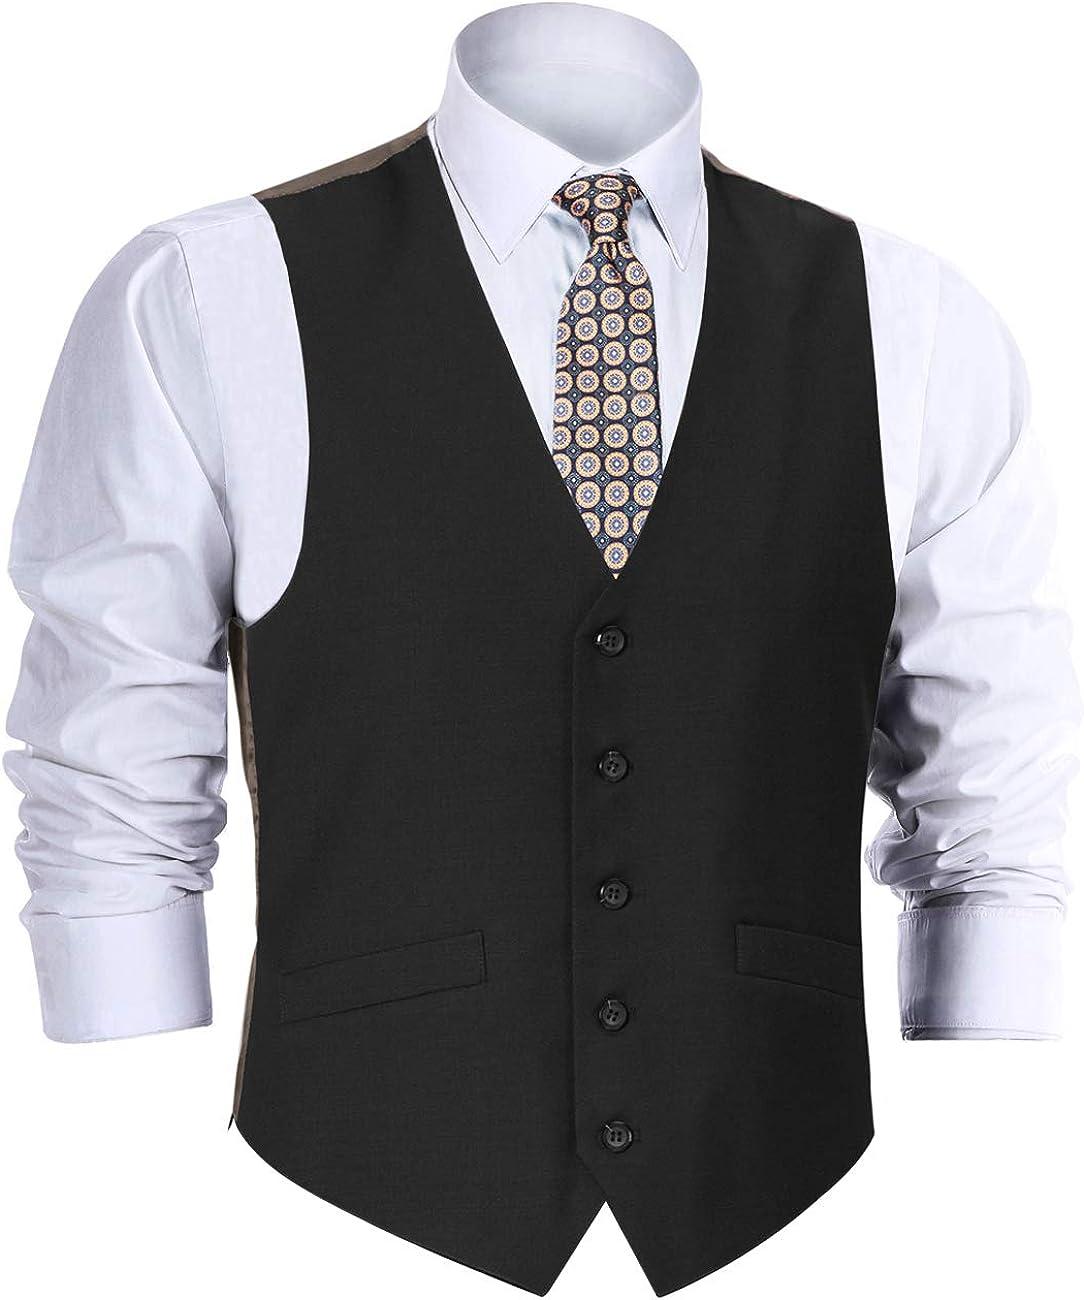 CHAMA Men's Suit Vest, Formal Suit Wool Vest for Men Business Vest Dress Vest Waistcoat 5 Button Regular Fit